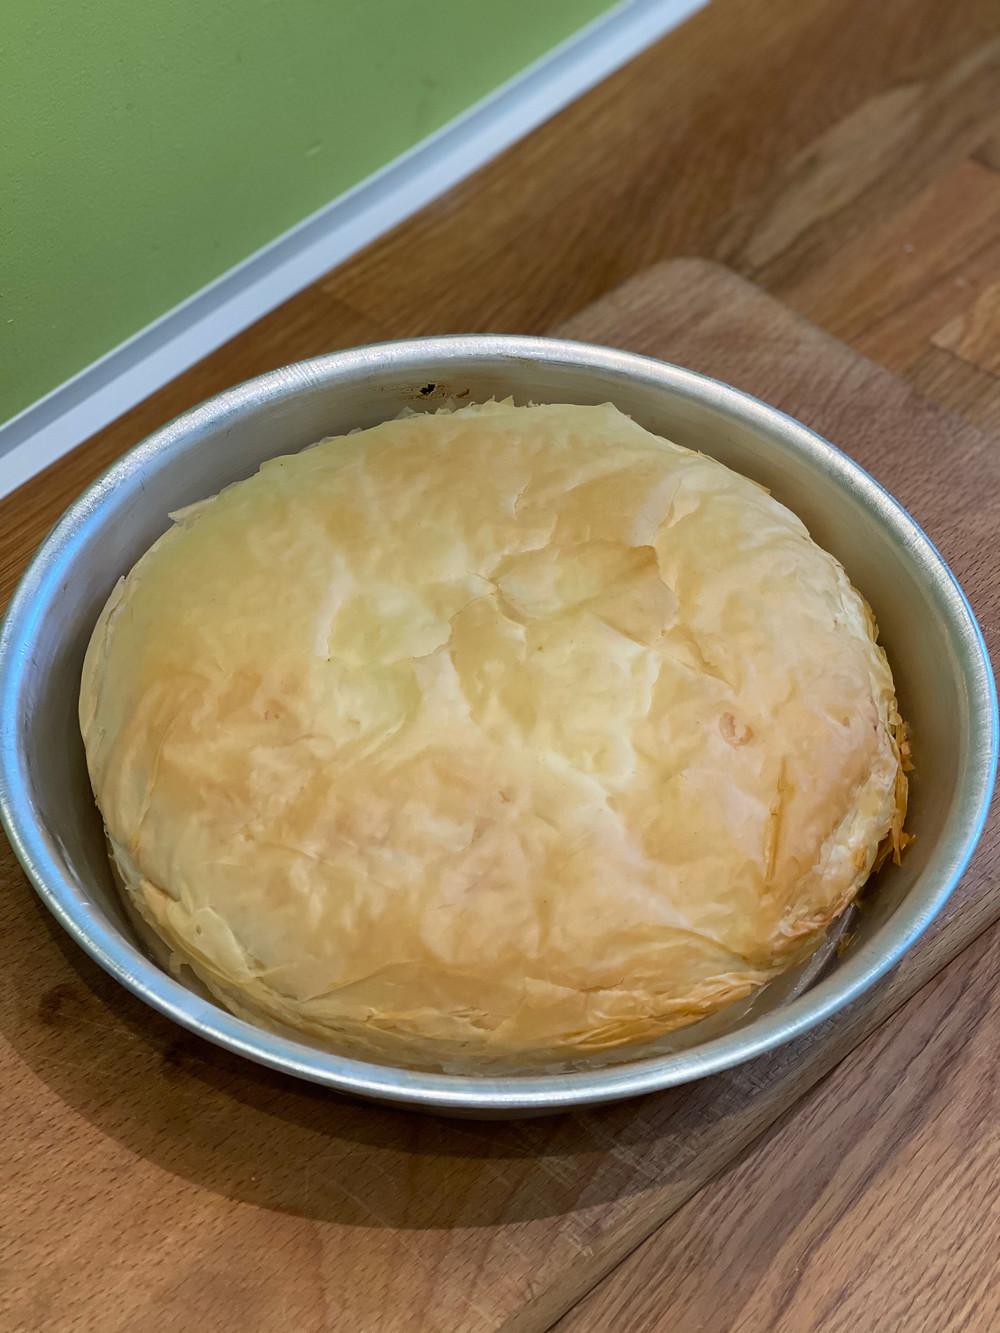 Torta Pasqualina après cuisson